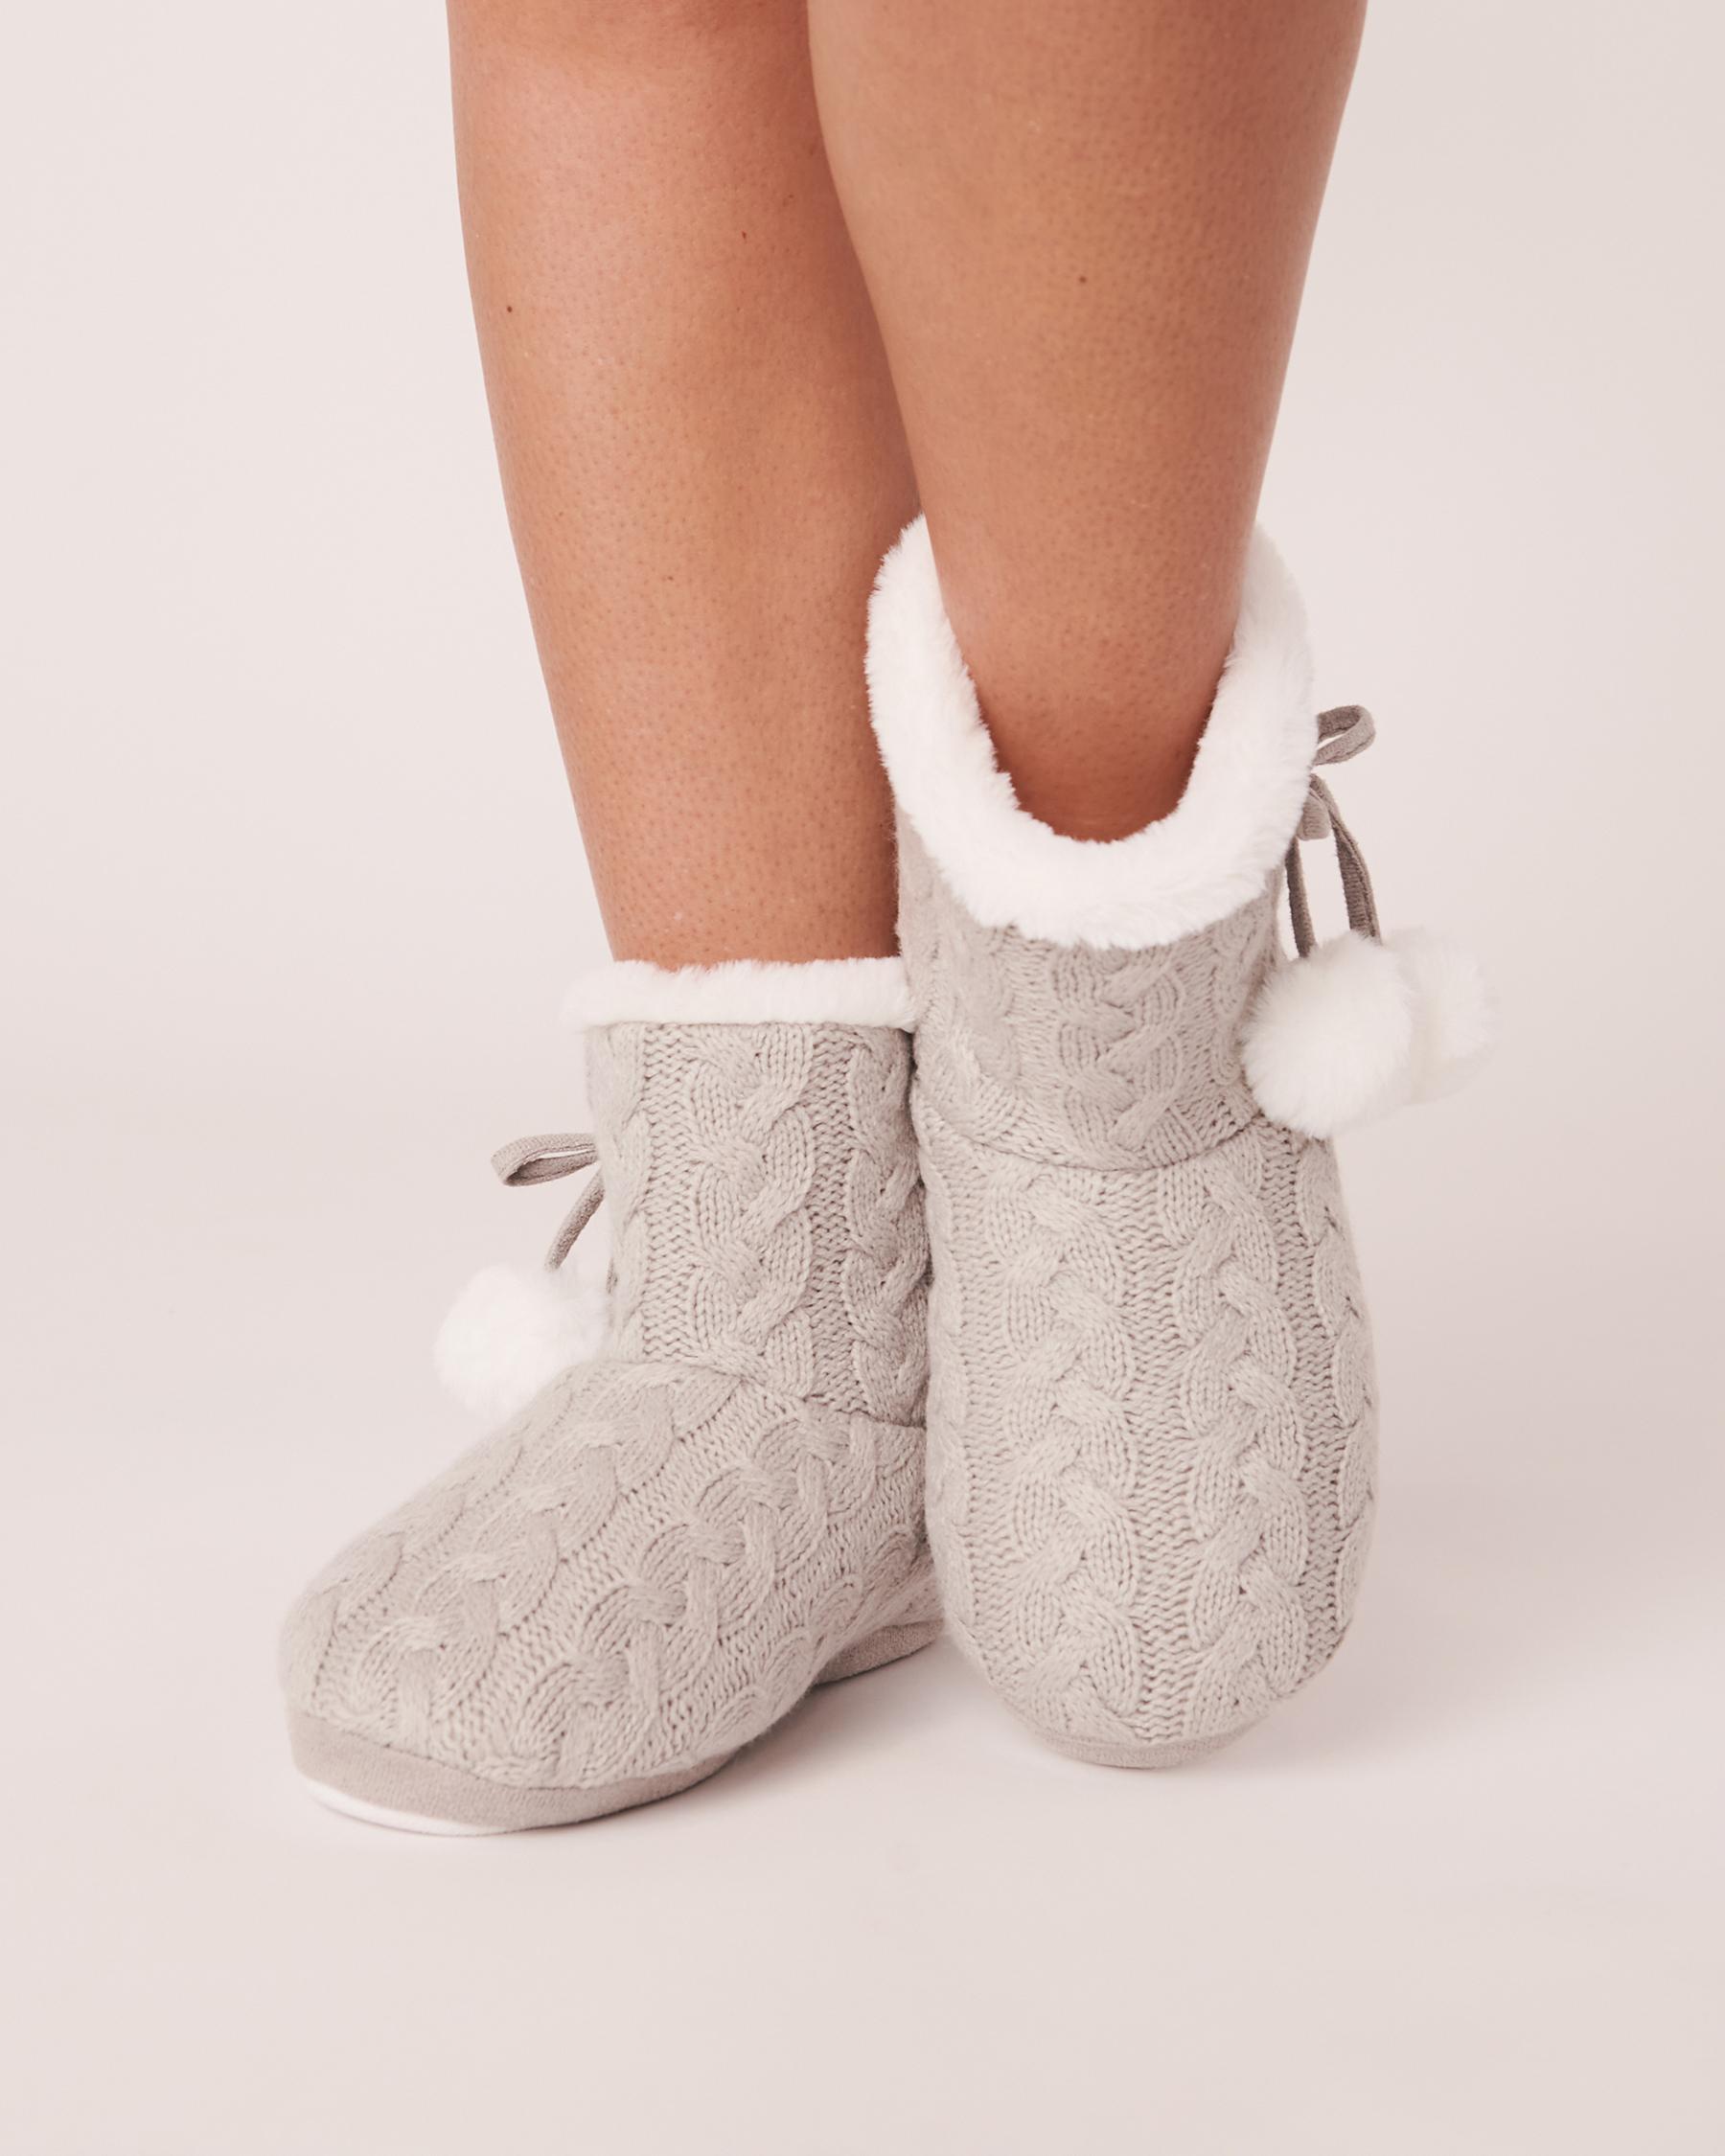 LA VIE EN ROSE Pompoms Bootie Slippers Grey-blue 40700075 - View1